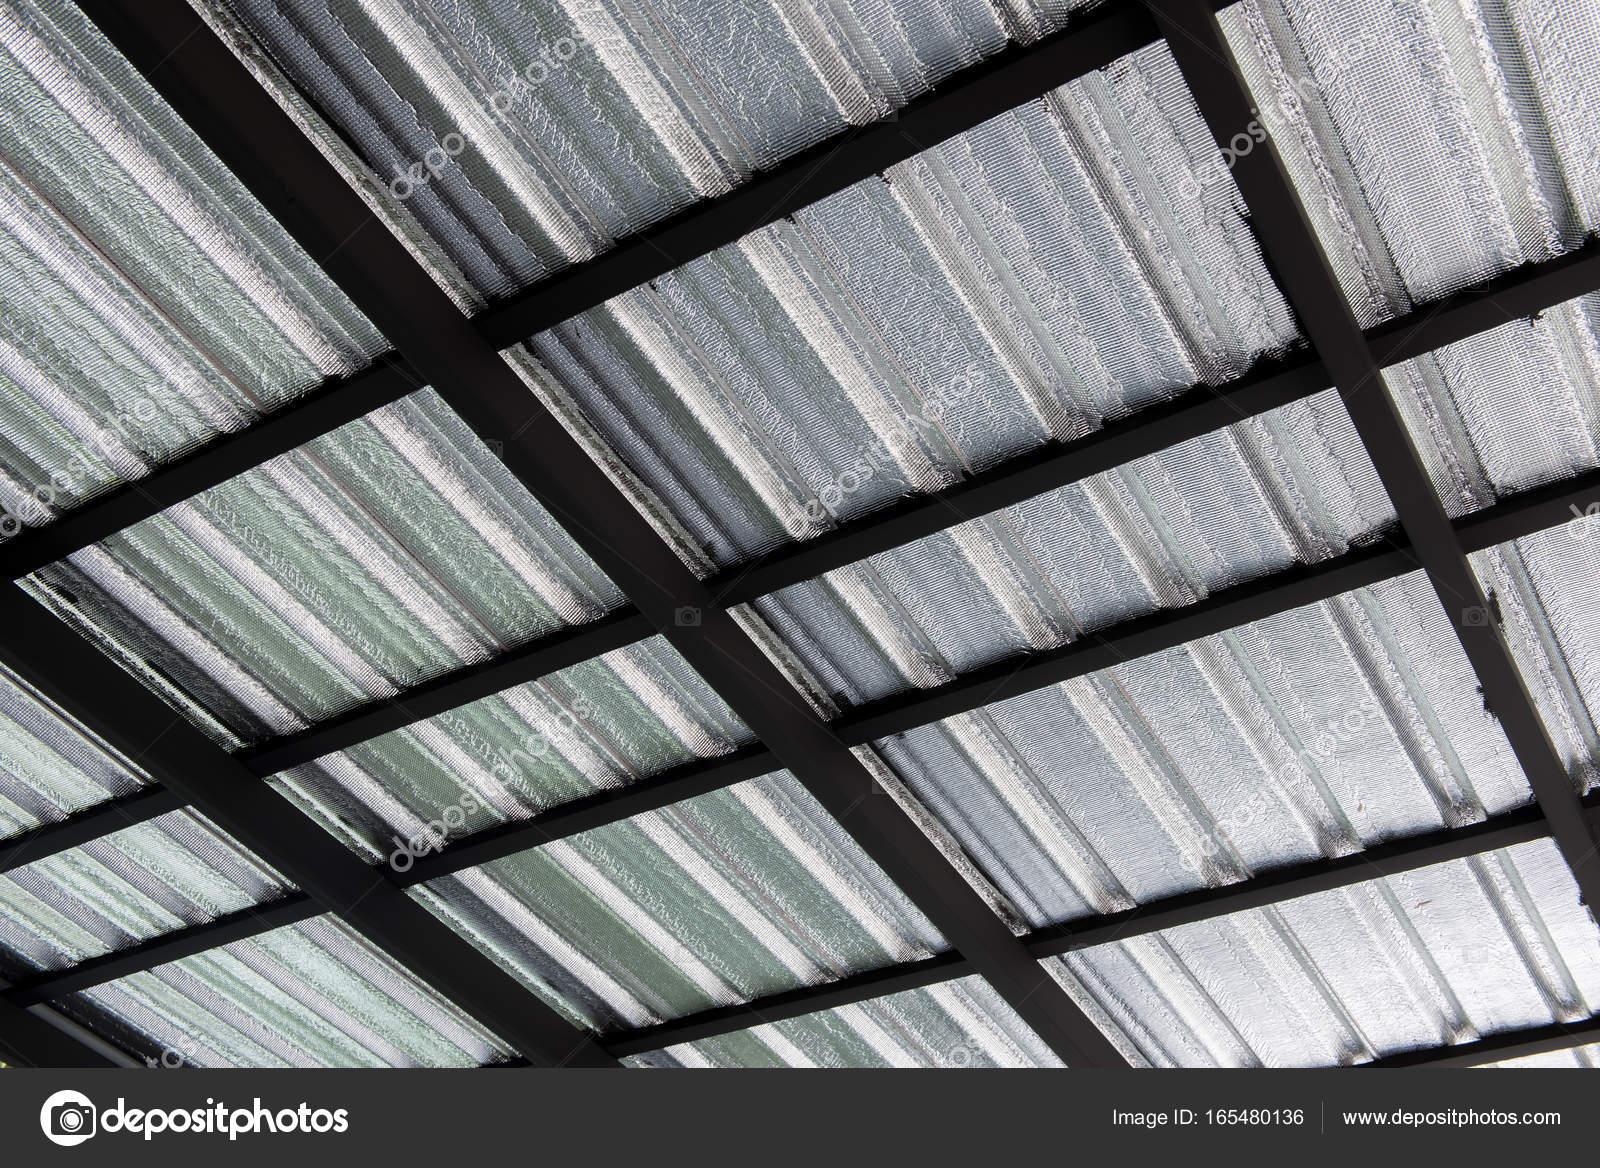 Fabulous Garage, Dach-Konstruktion von Gerüsten und Metall Blatt GW27